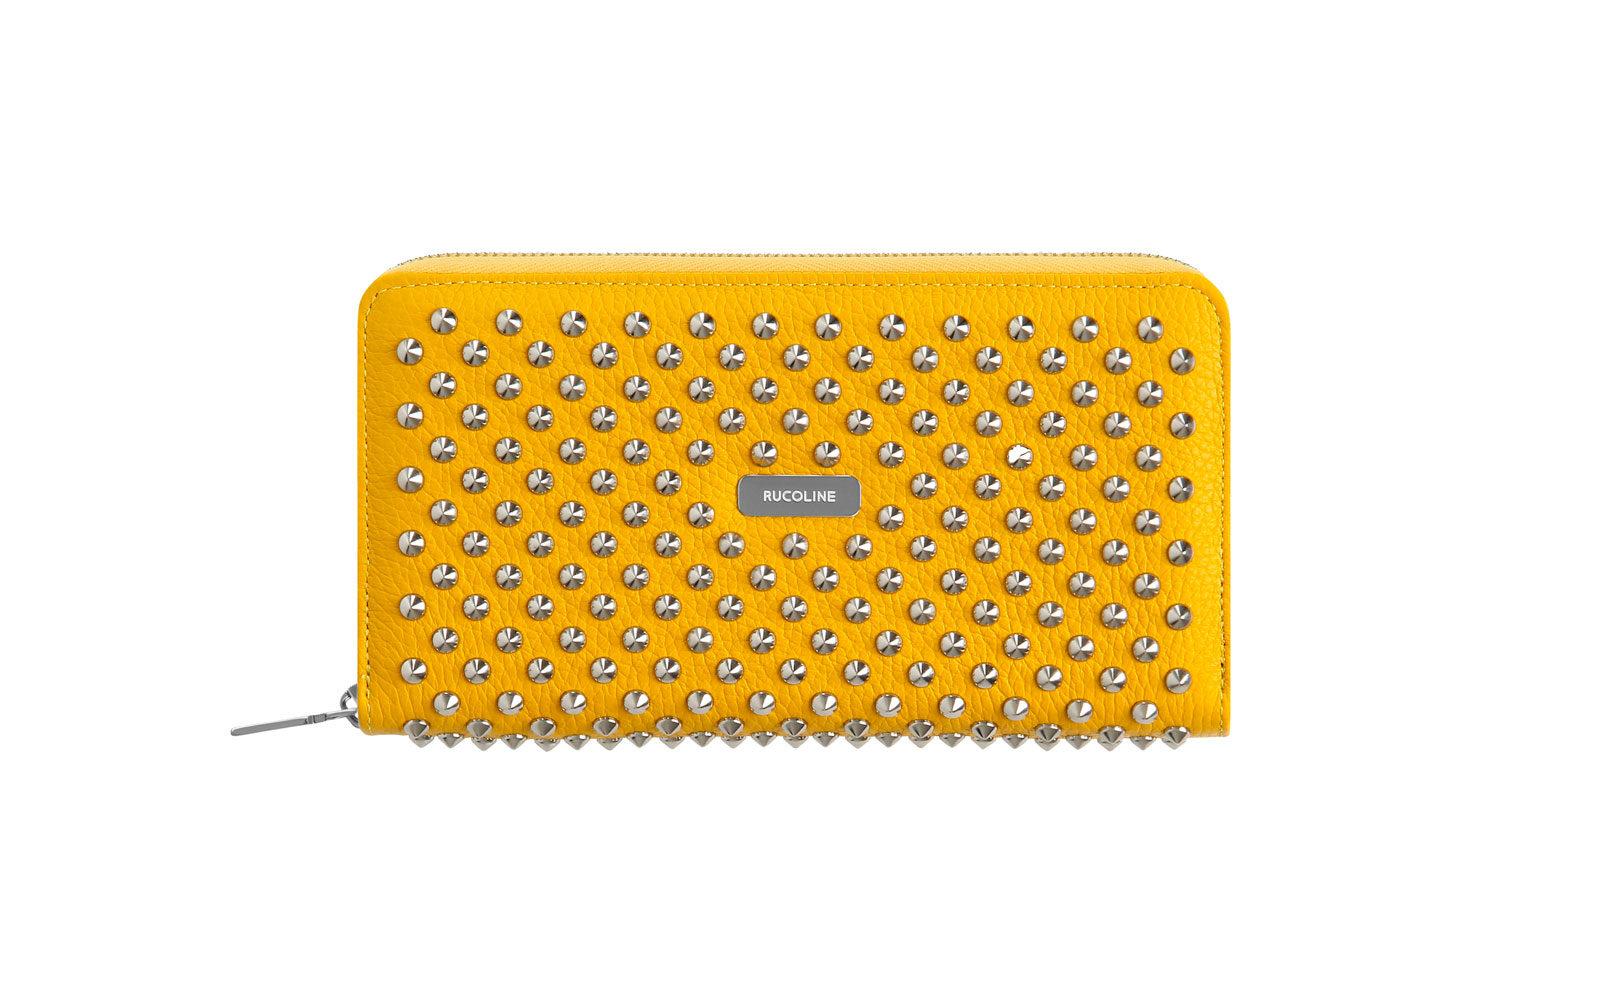 RUCO LINE porta documenti in pelle giallo sole, con applicazioni mini borchie. 590 euro www.rucoline.com